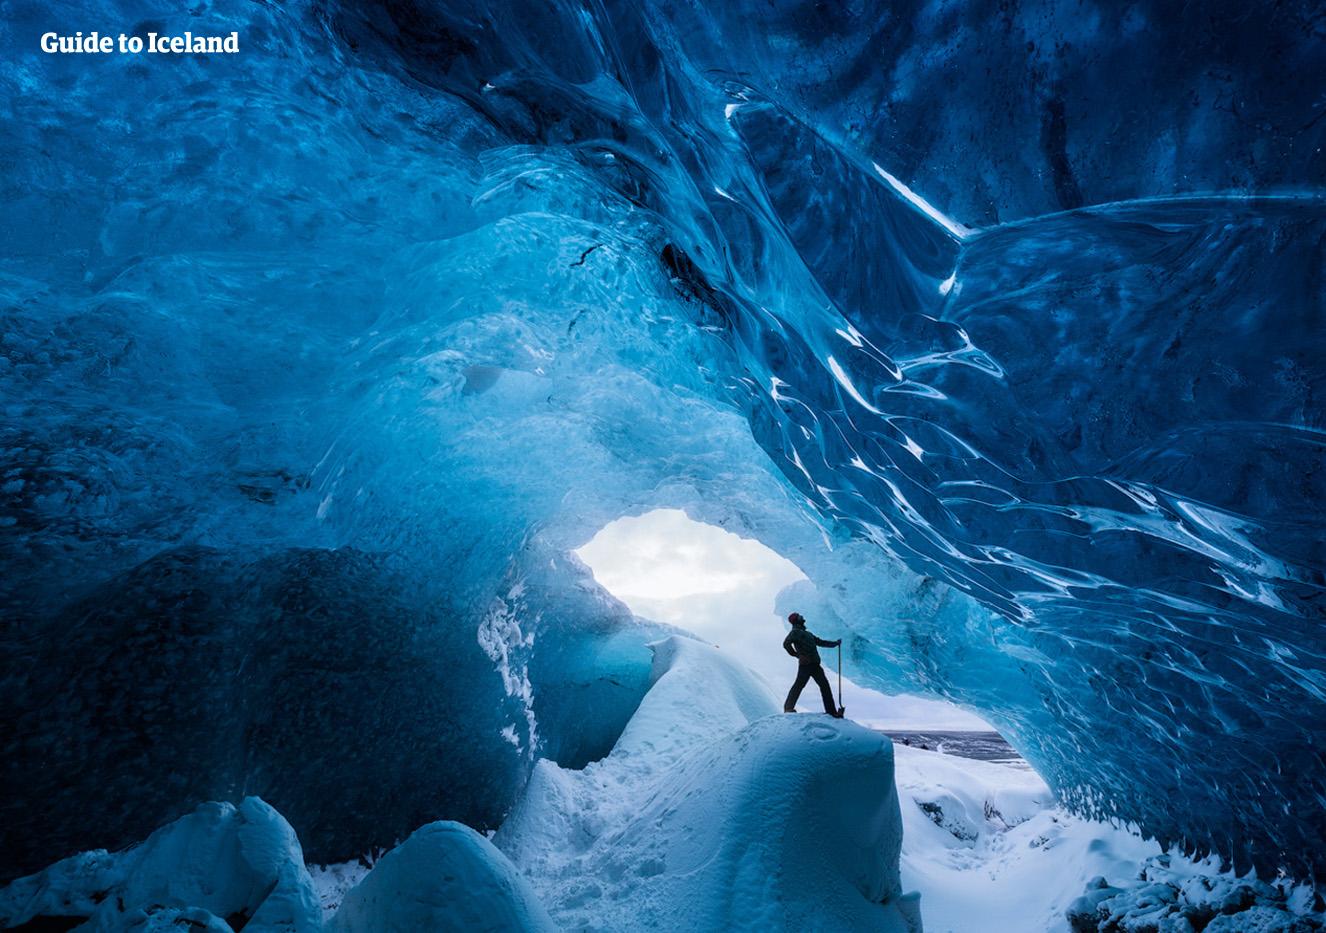 At gå ind i en isgrotte er en af de mest mindeværdige oplevelser for dem, der besøger Island.